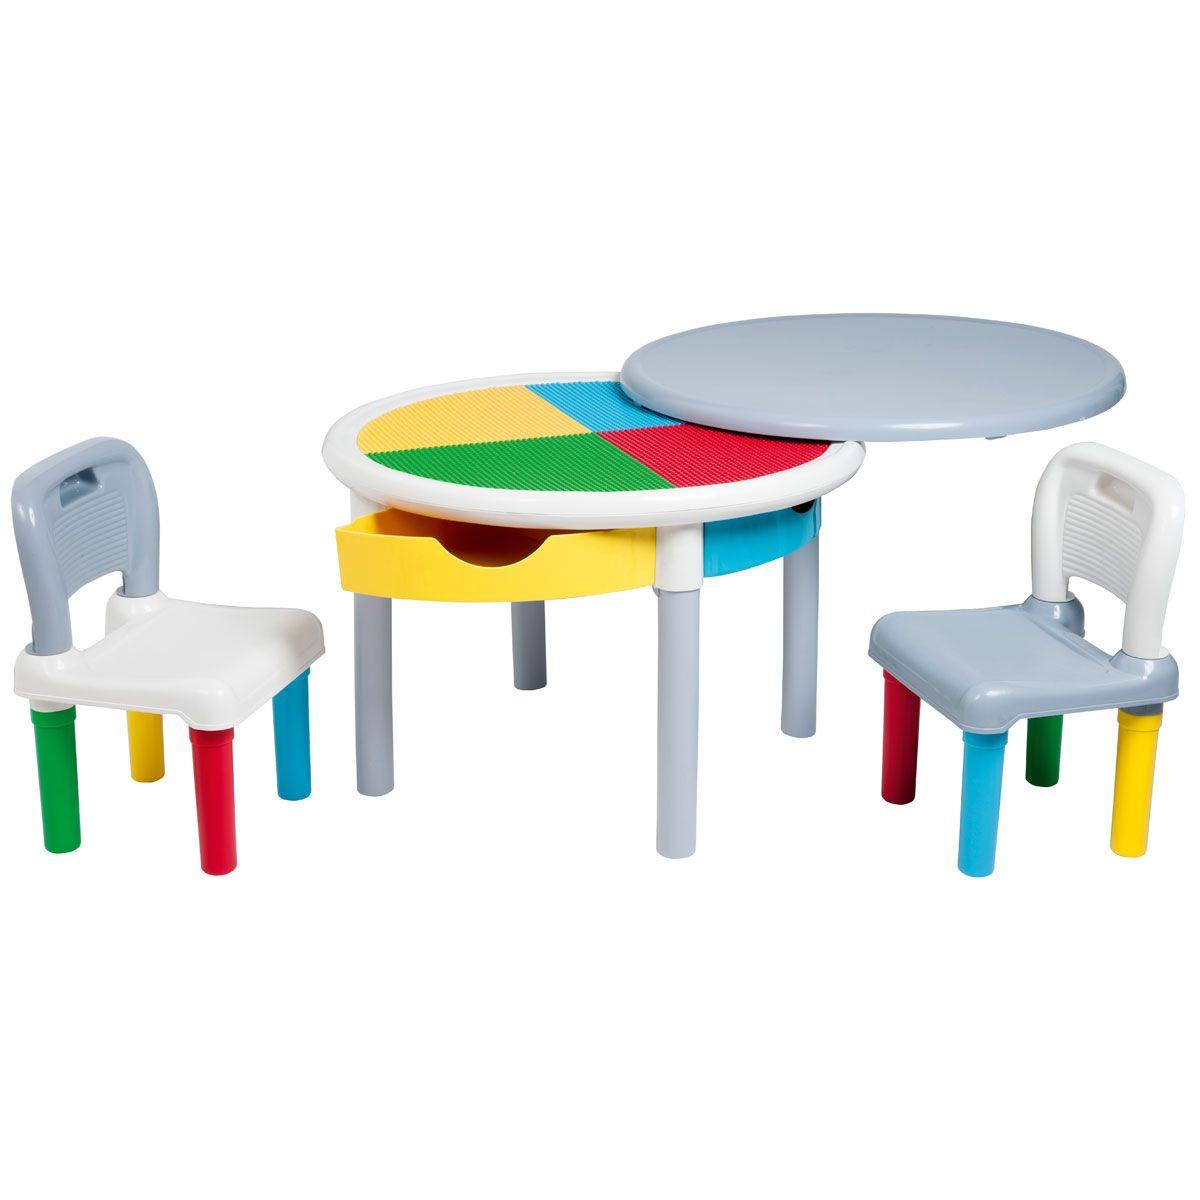 Table De Construction Multicolore Et Ses Deux Chaises Izibul Creation Oxybul Avec Images Table Basse Table Et Chaises Table Et Chaise Enfant